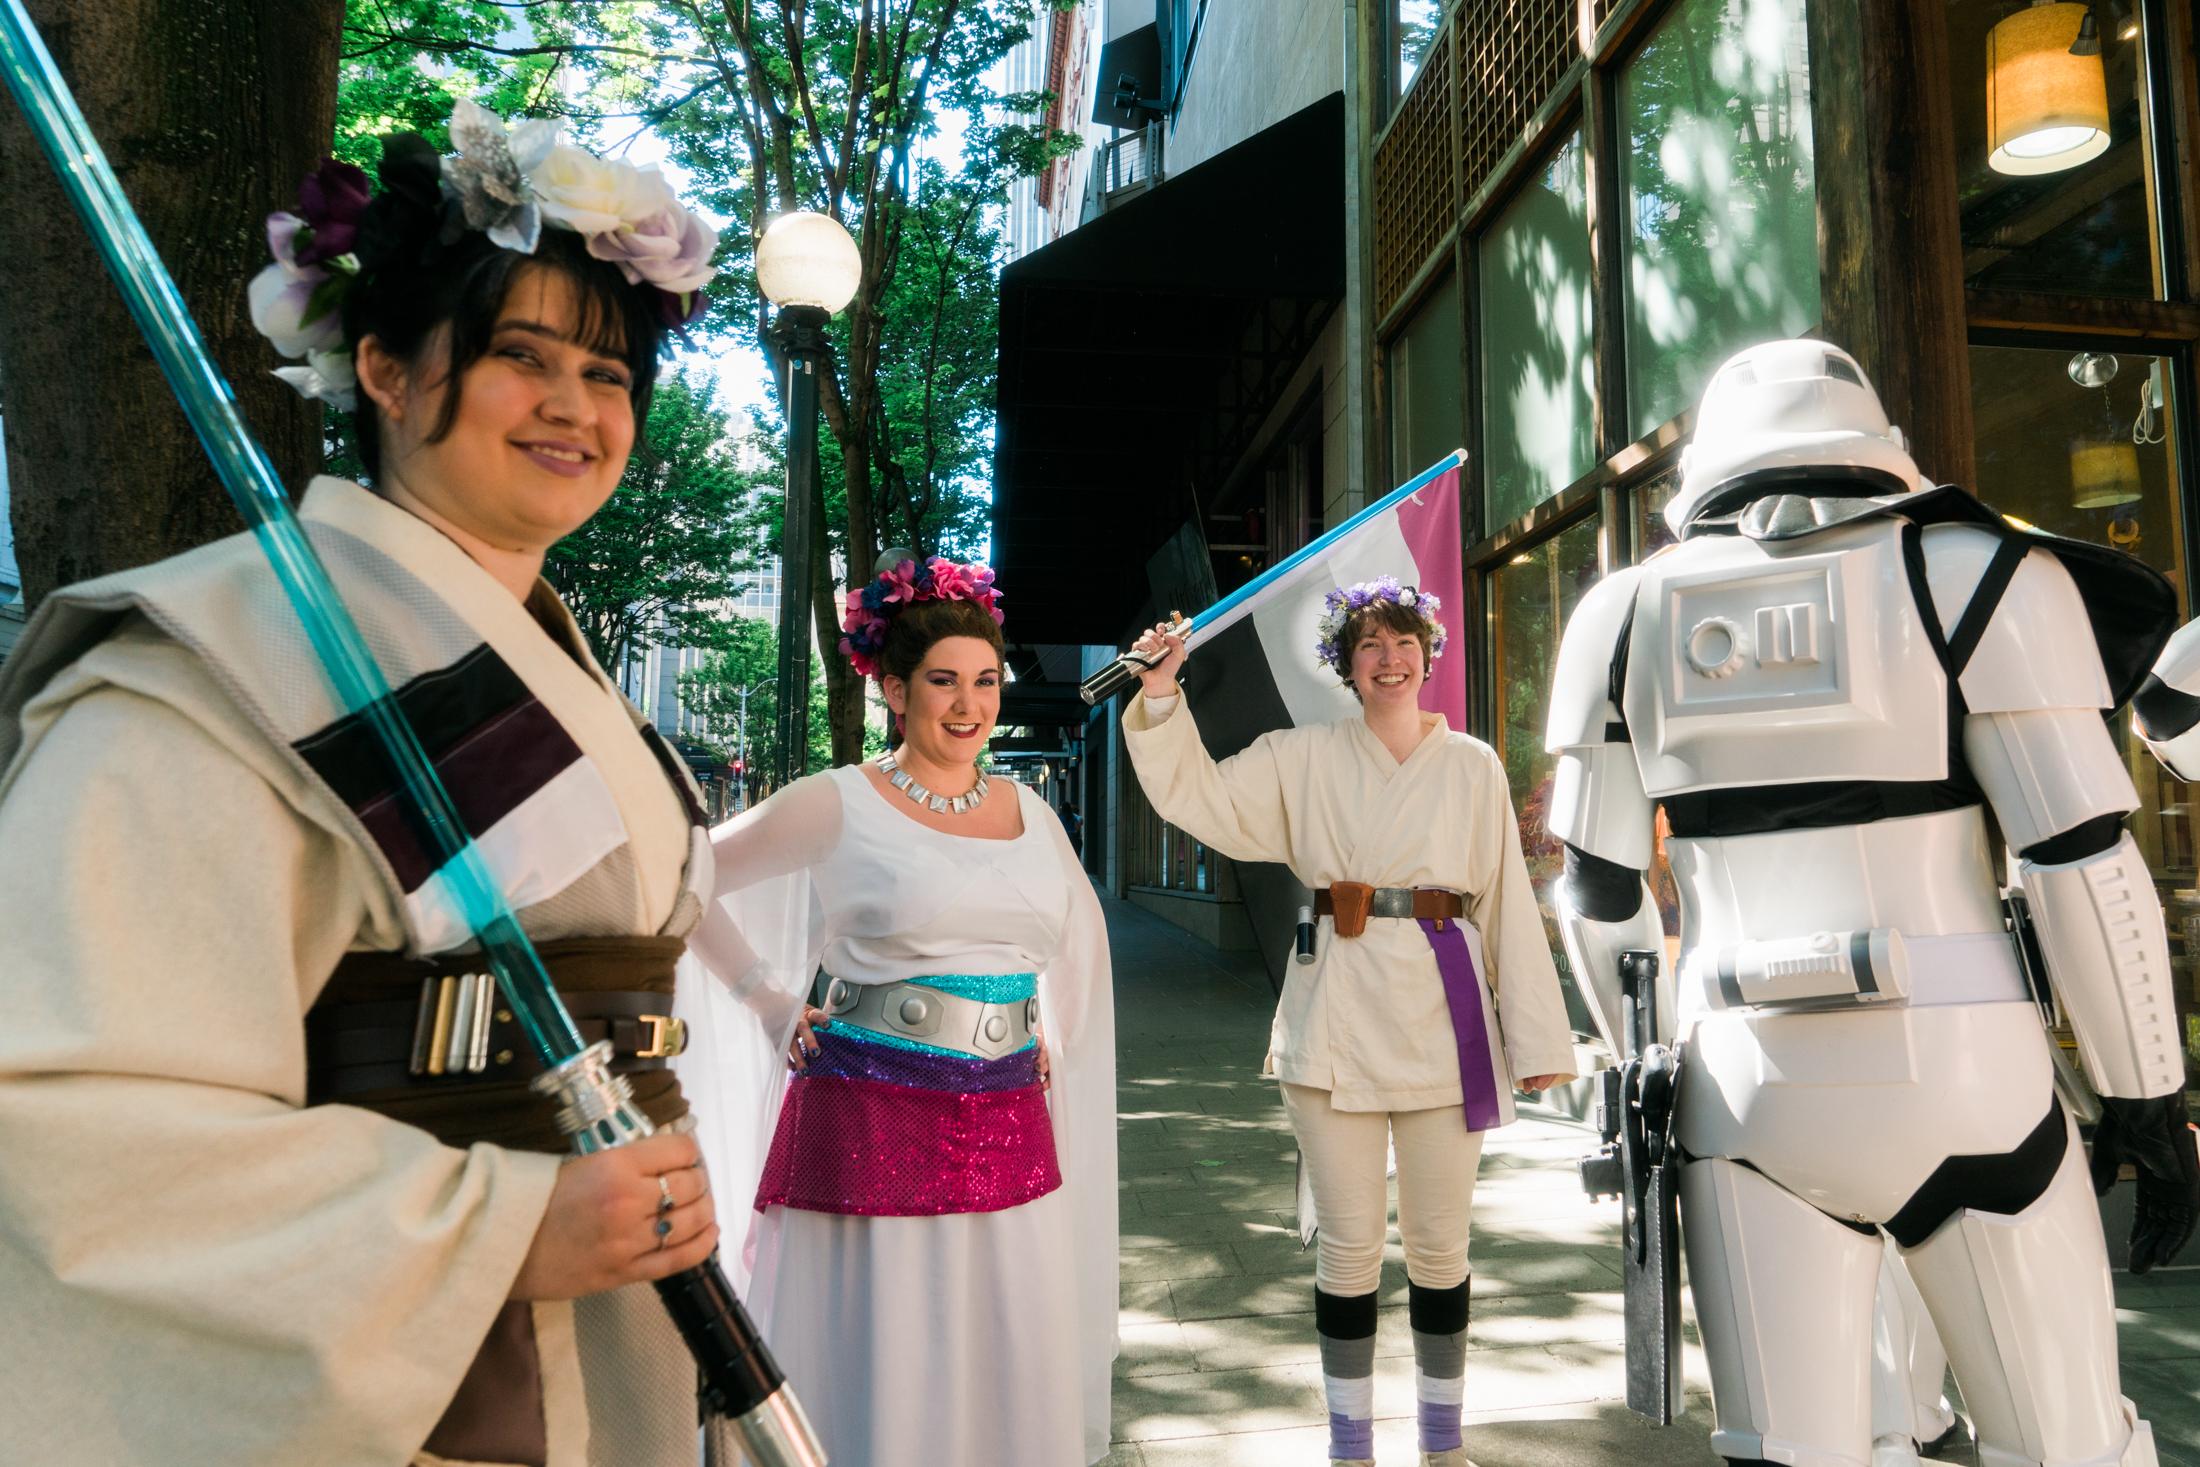 Seattle Pride Parade 2017 w Star Wars 501st Garrison Titan-08527.jpg